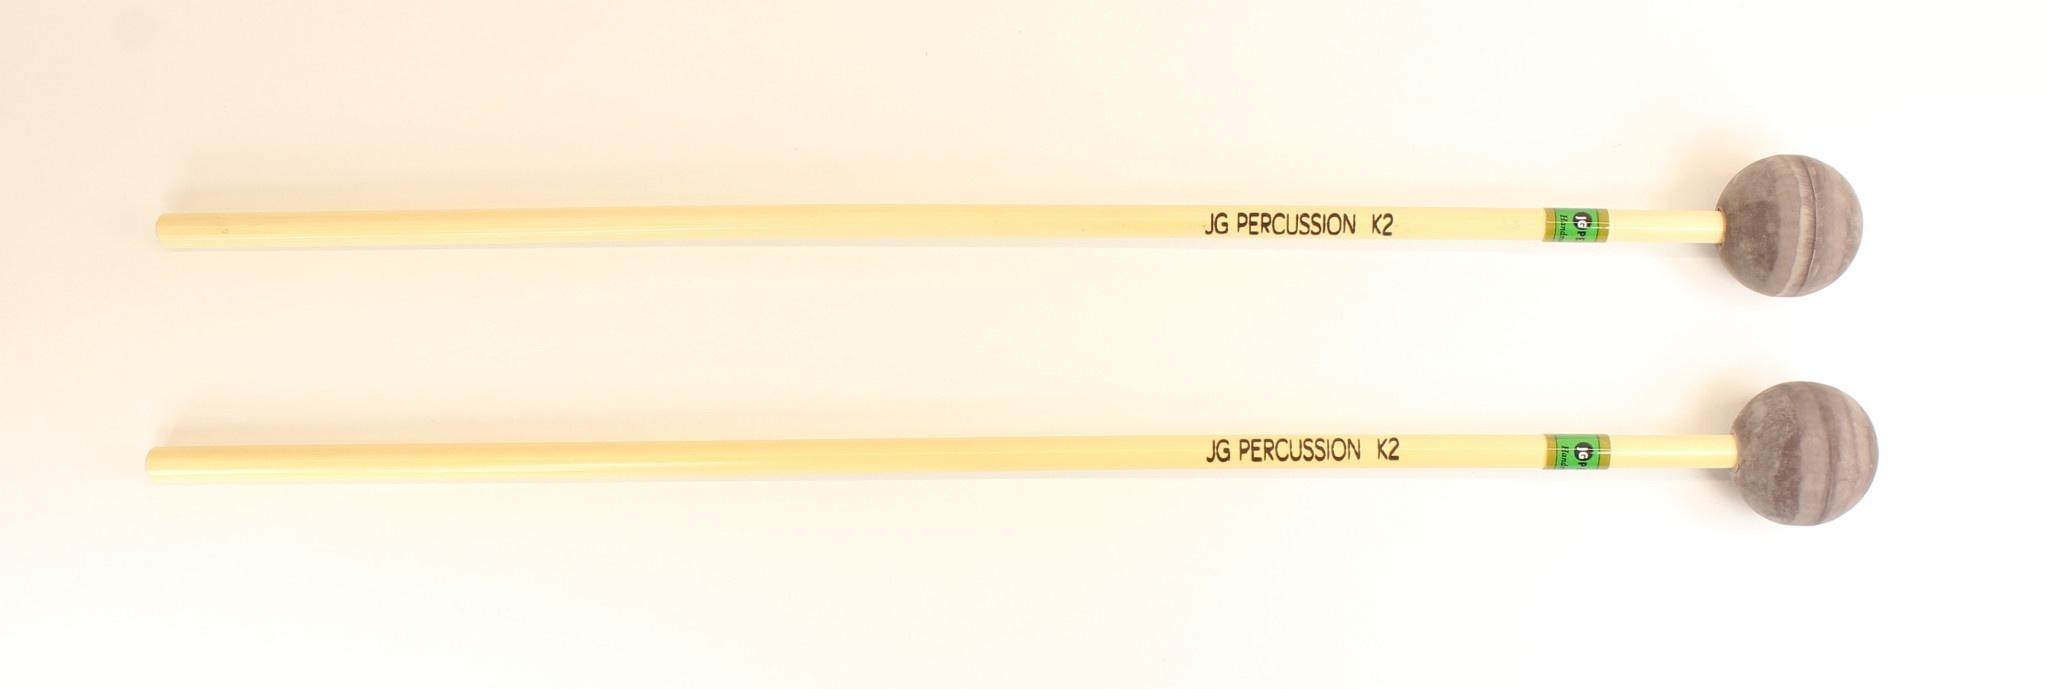 JG Percussion Baguettes JG K2 medium rubber